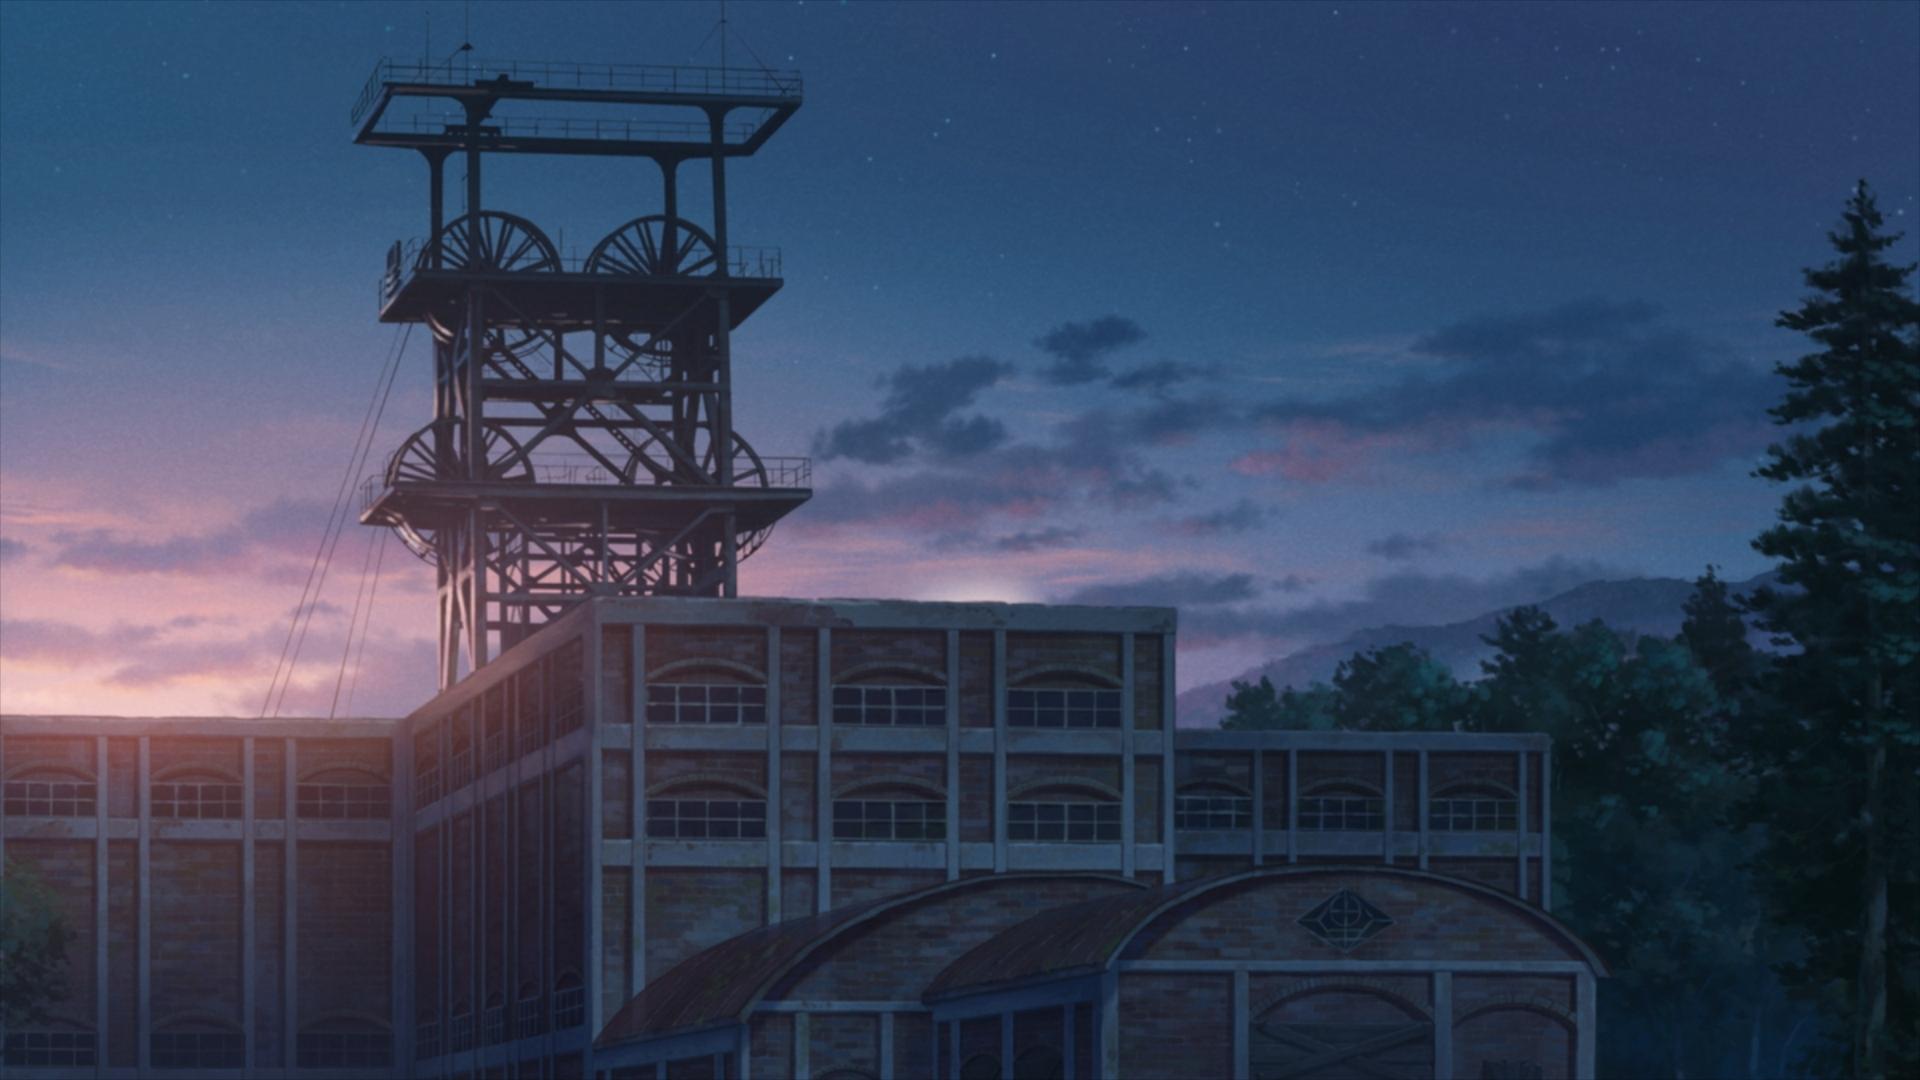 『ぼくらの7日間戦争』新規場面写真  (C)2019 宗田理・KADOKAWA/ぼくらの7日間戦争製作委員会